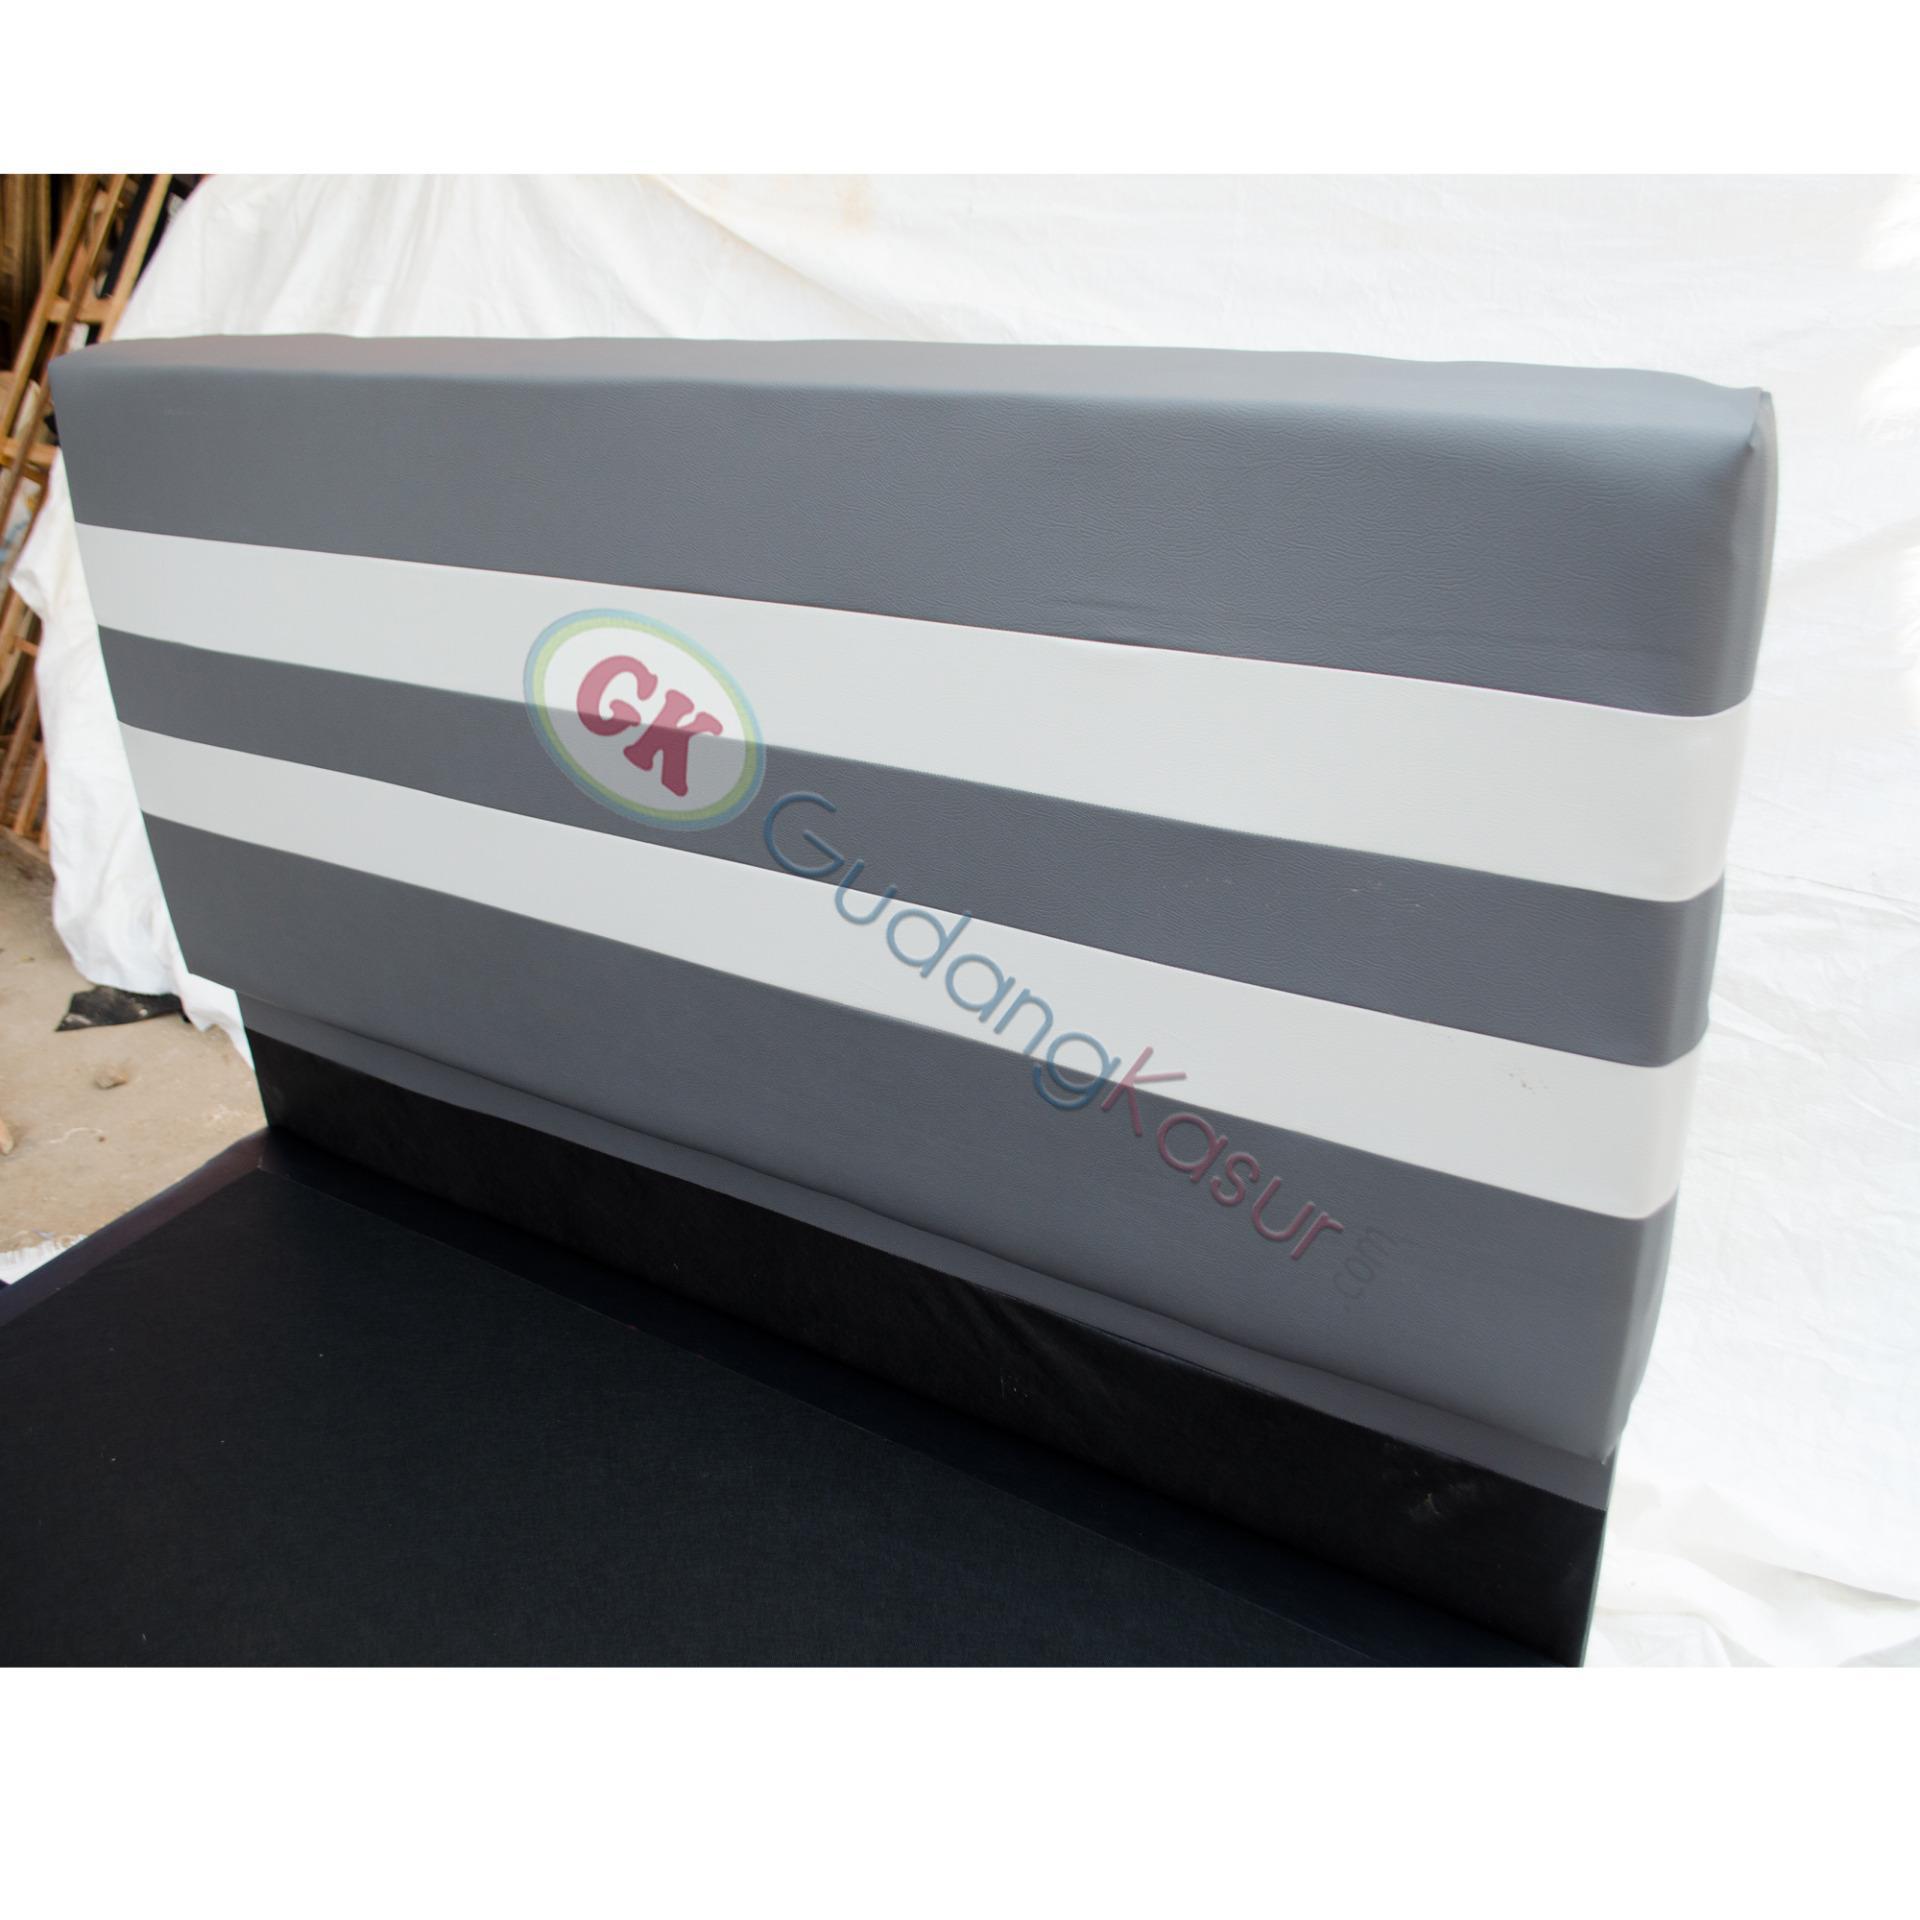 Features Dipan Divan Laci Tempat Tidur Untuk Kasur Dan Springbed Sky Headboard Sandaran Ukuran 160x200 Nktlaciuk Queen160x200